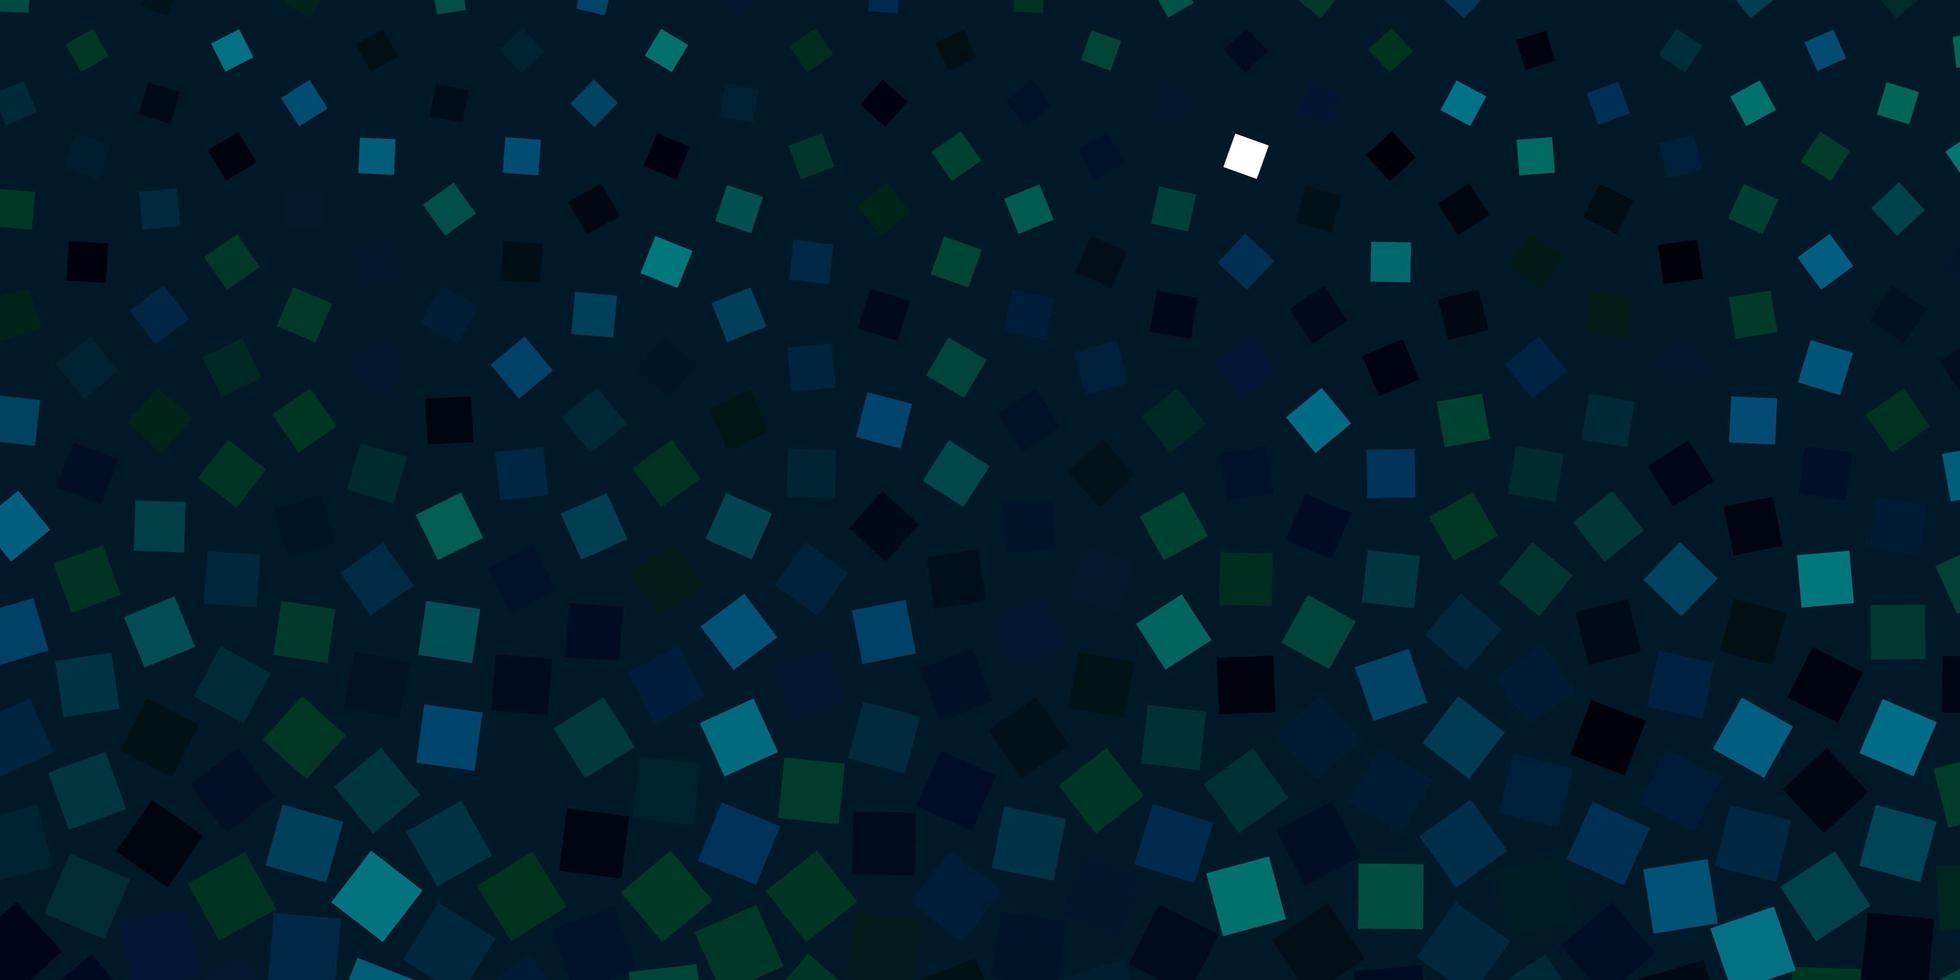 dunkelblaues, grünes Vektorlayout mit Linien, Rechtecken. vektor